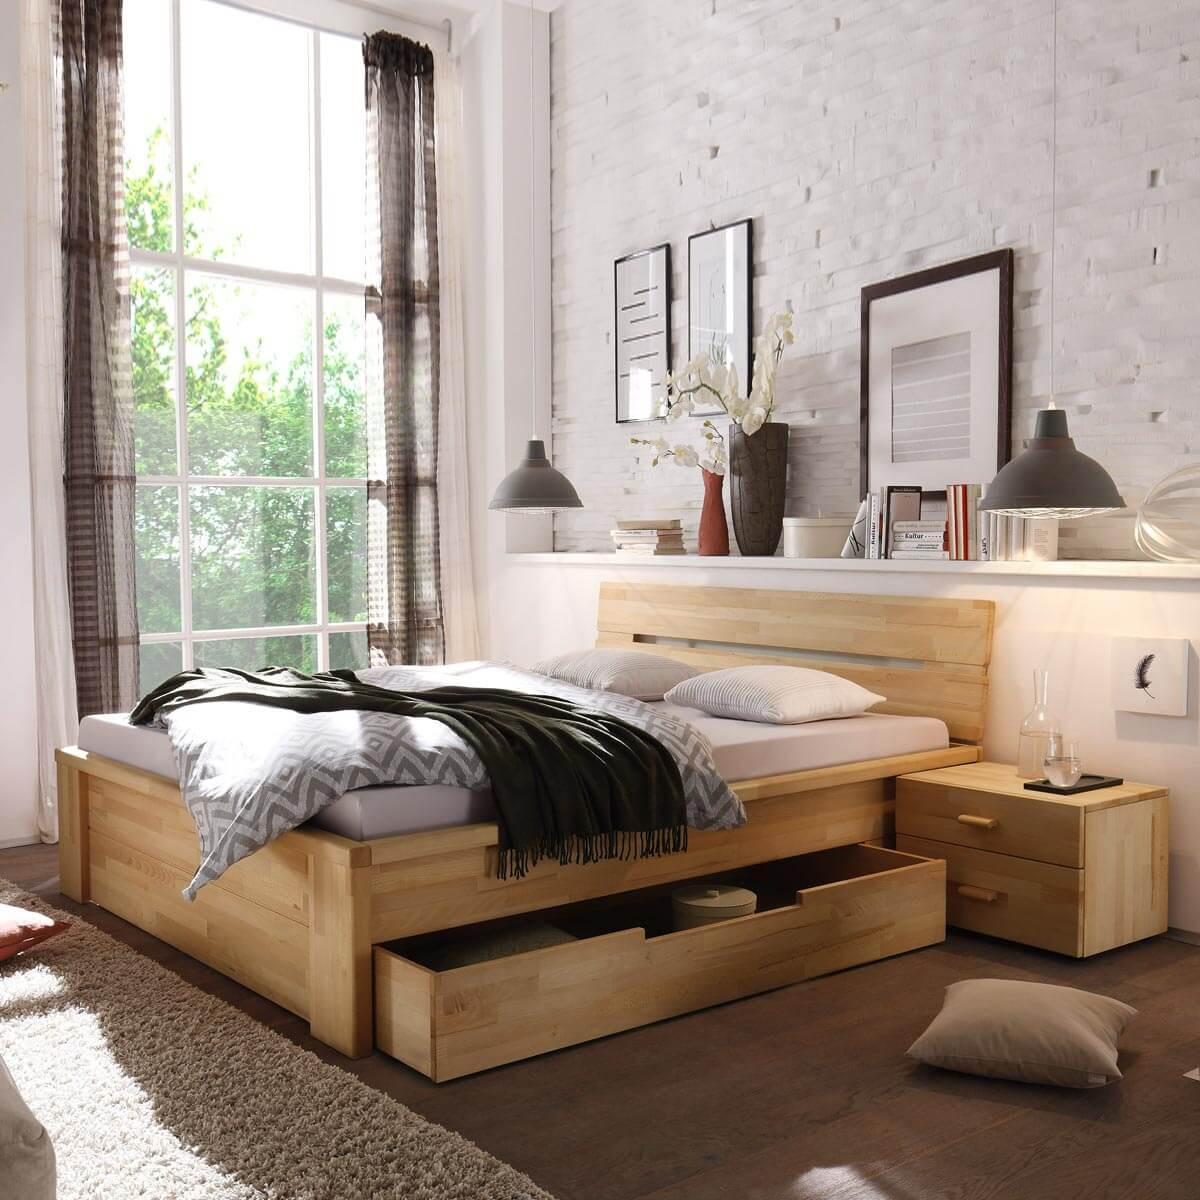 Bett Mit Schubladen 180x200  Bett Roros 180x200 mit Schubladen in Kernbuche massiv geölt